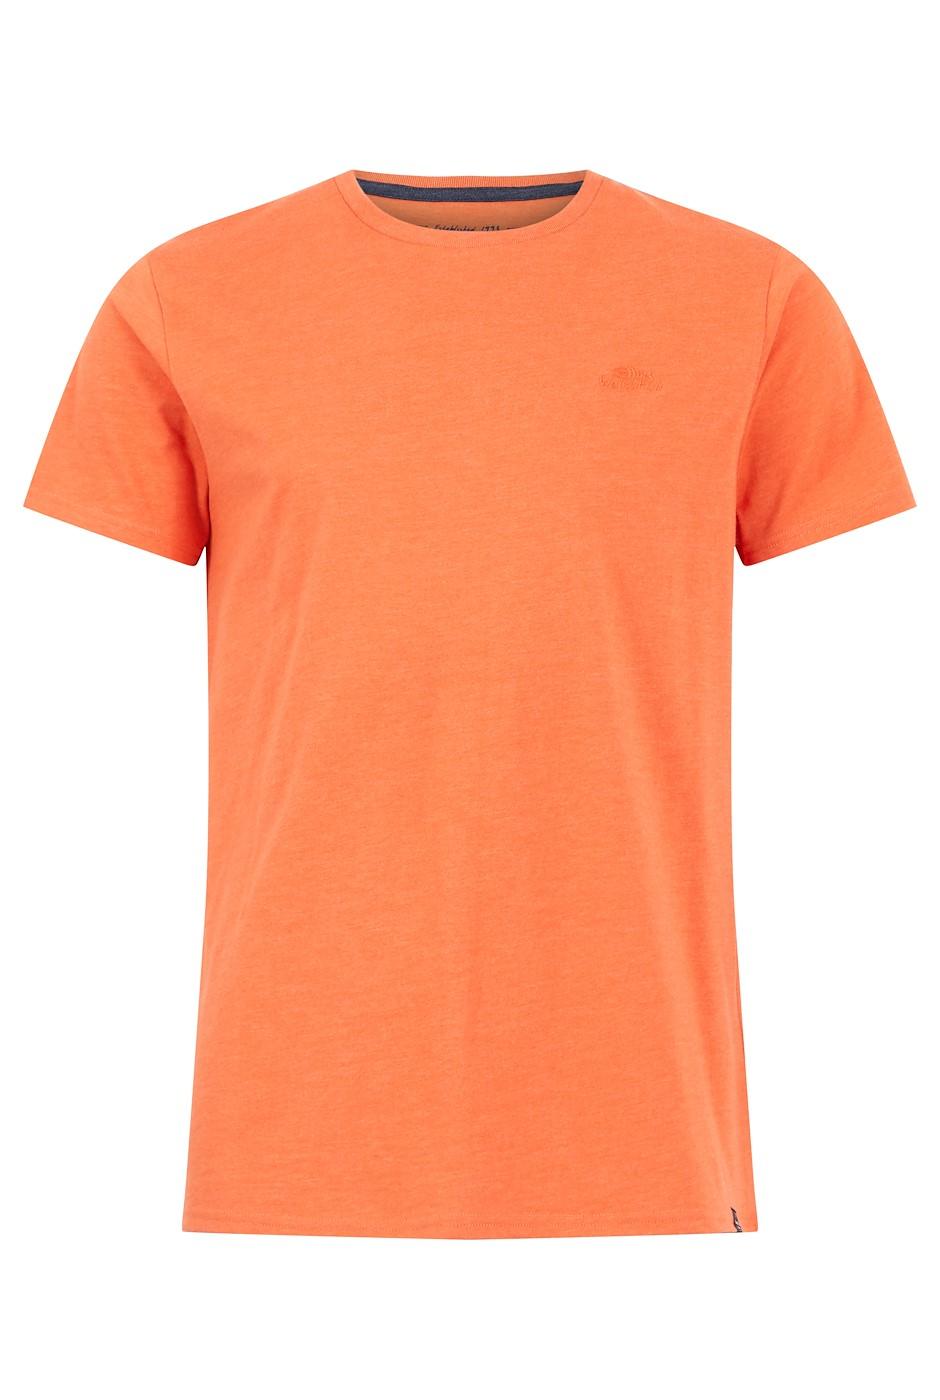 Fished Branded T-Shirt Orange